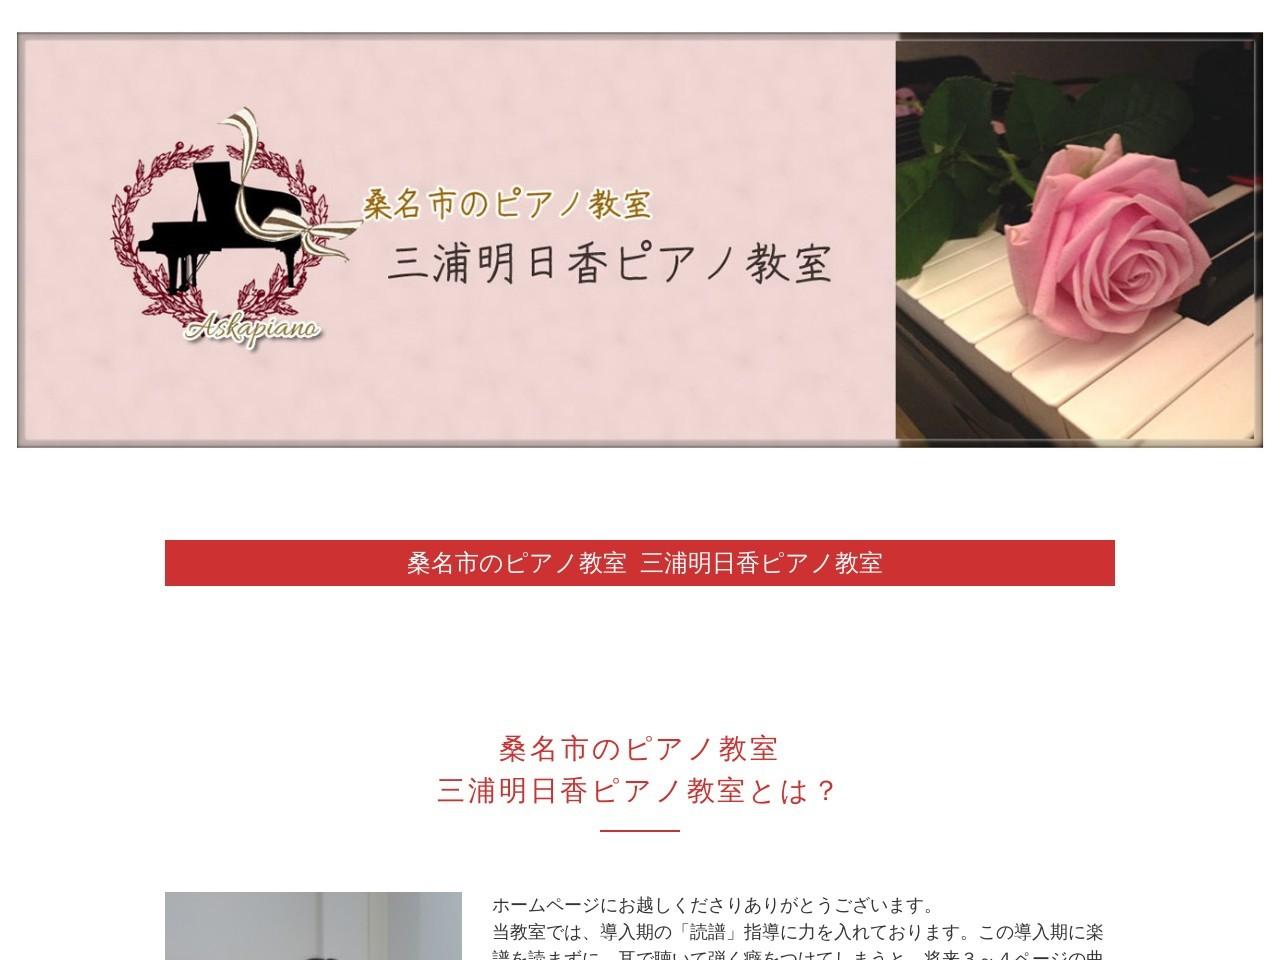 三浦明日香ピアノ教室のサムネイル